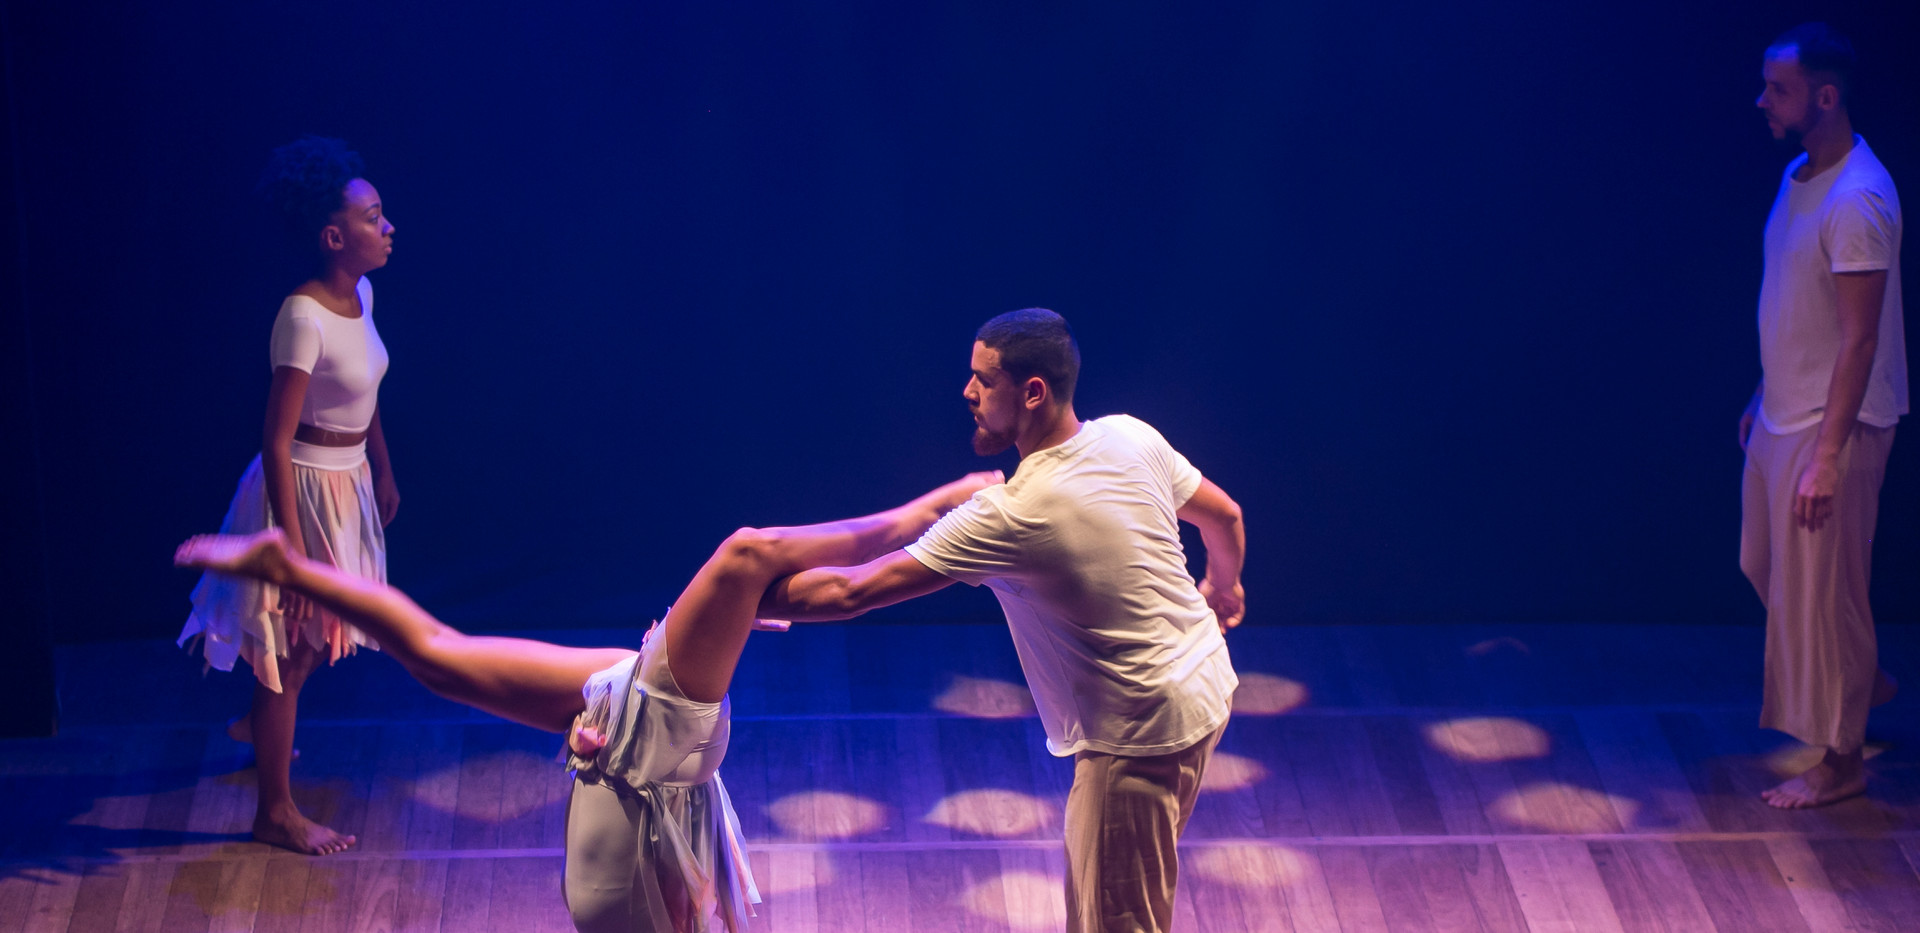 danceadois-show-4510.JPG